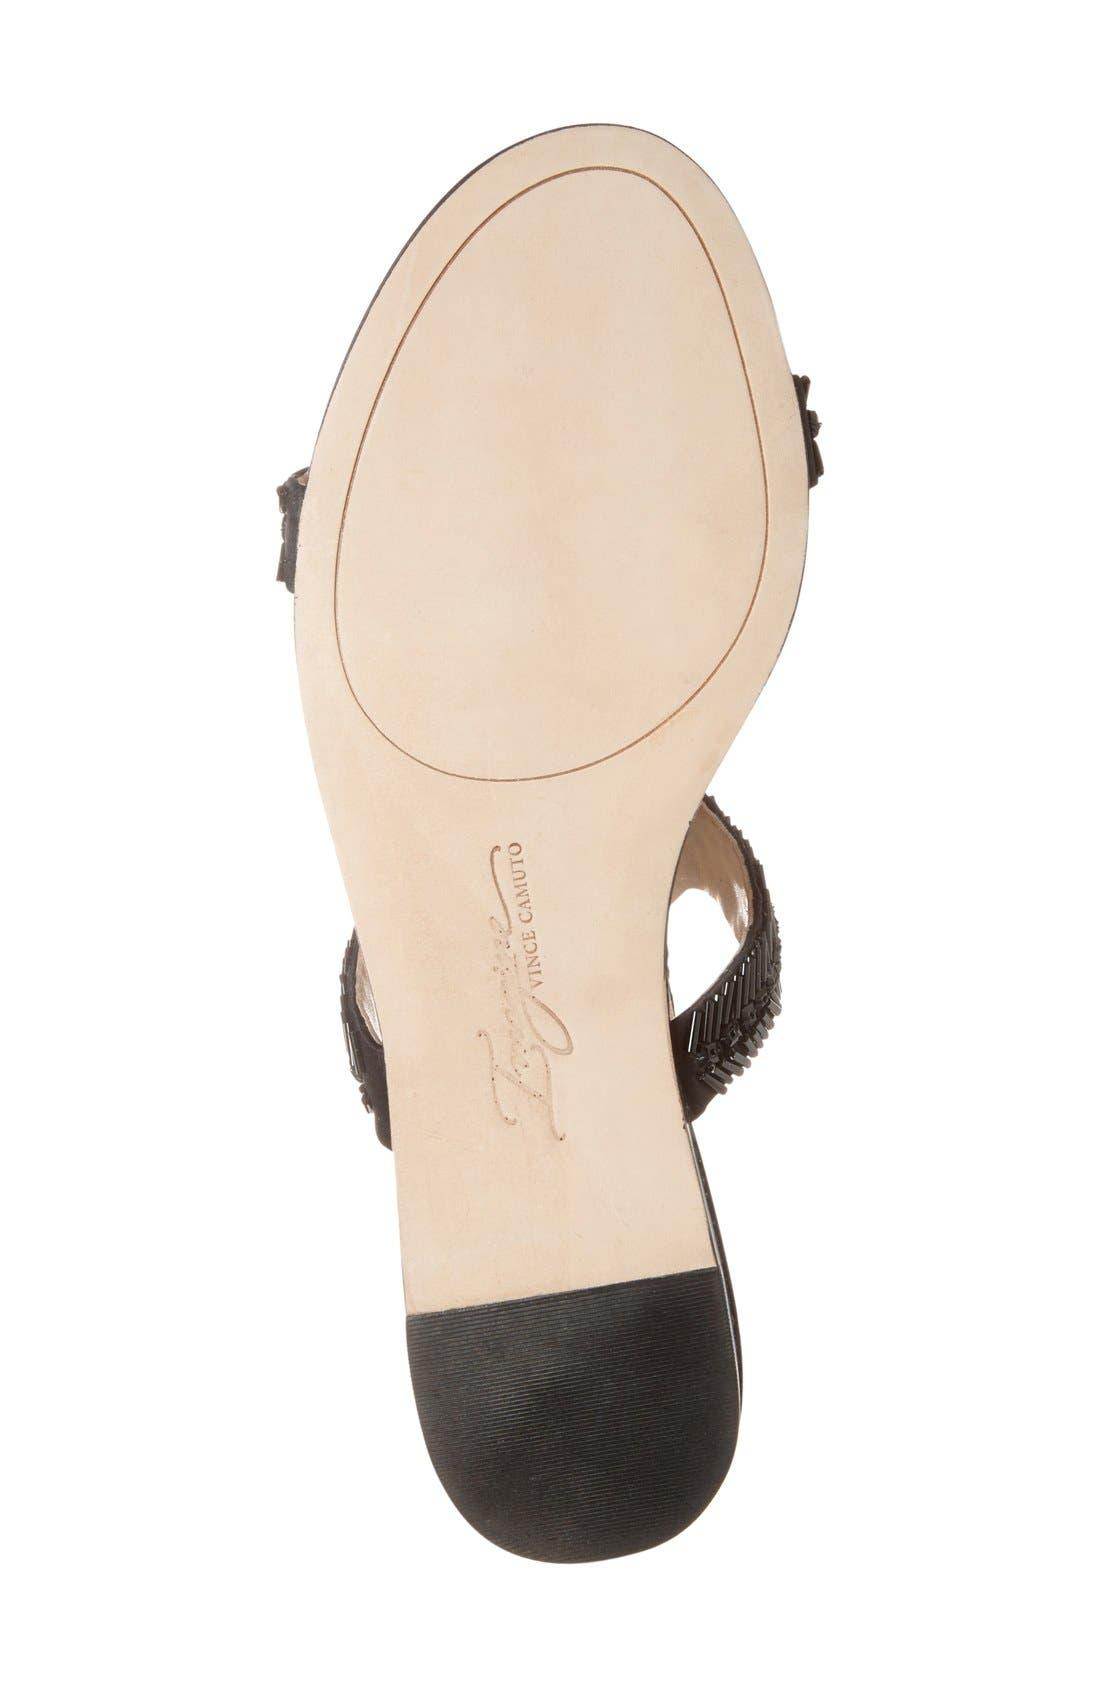 Imagine Vince Camuto 'Reid' Embellished T-Strap Flat Sandal,                             Alternate thumbnail 7, color,